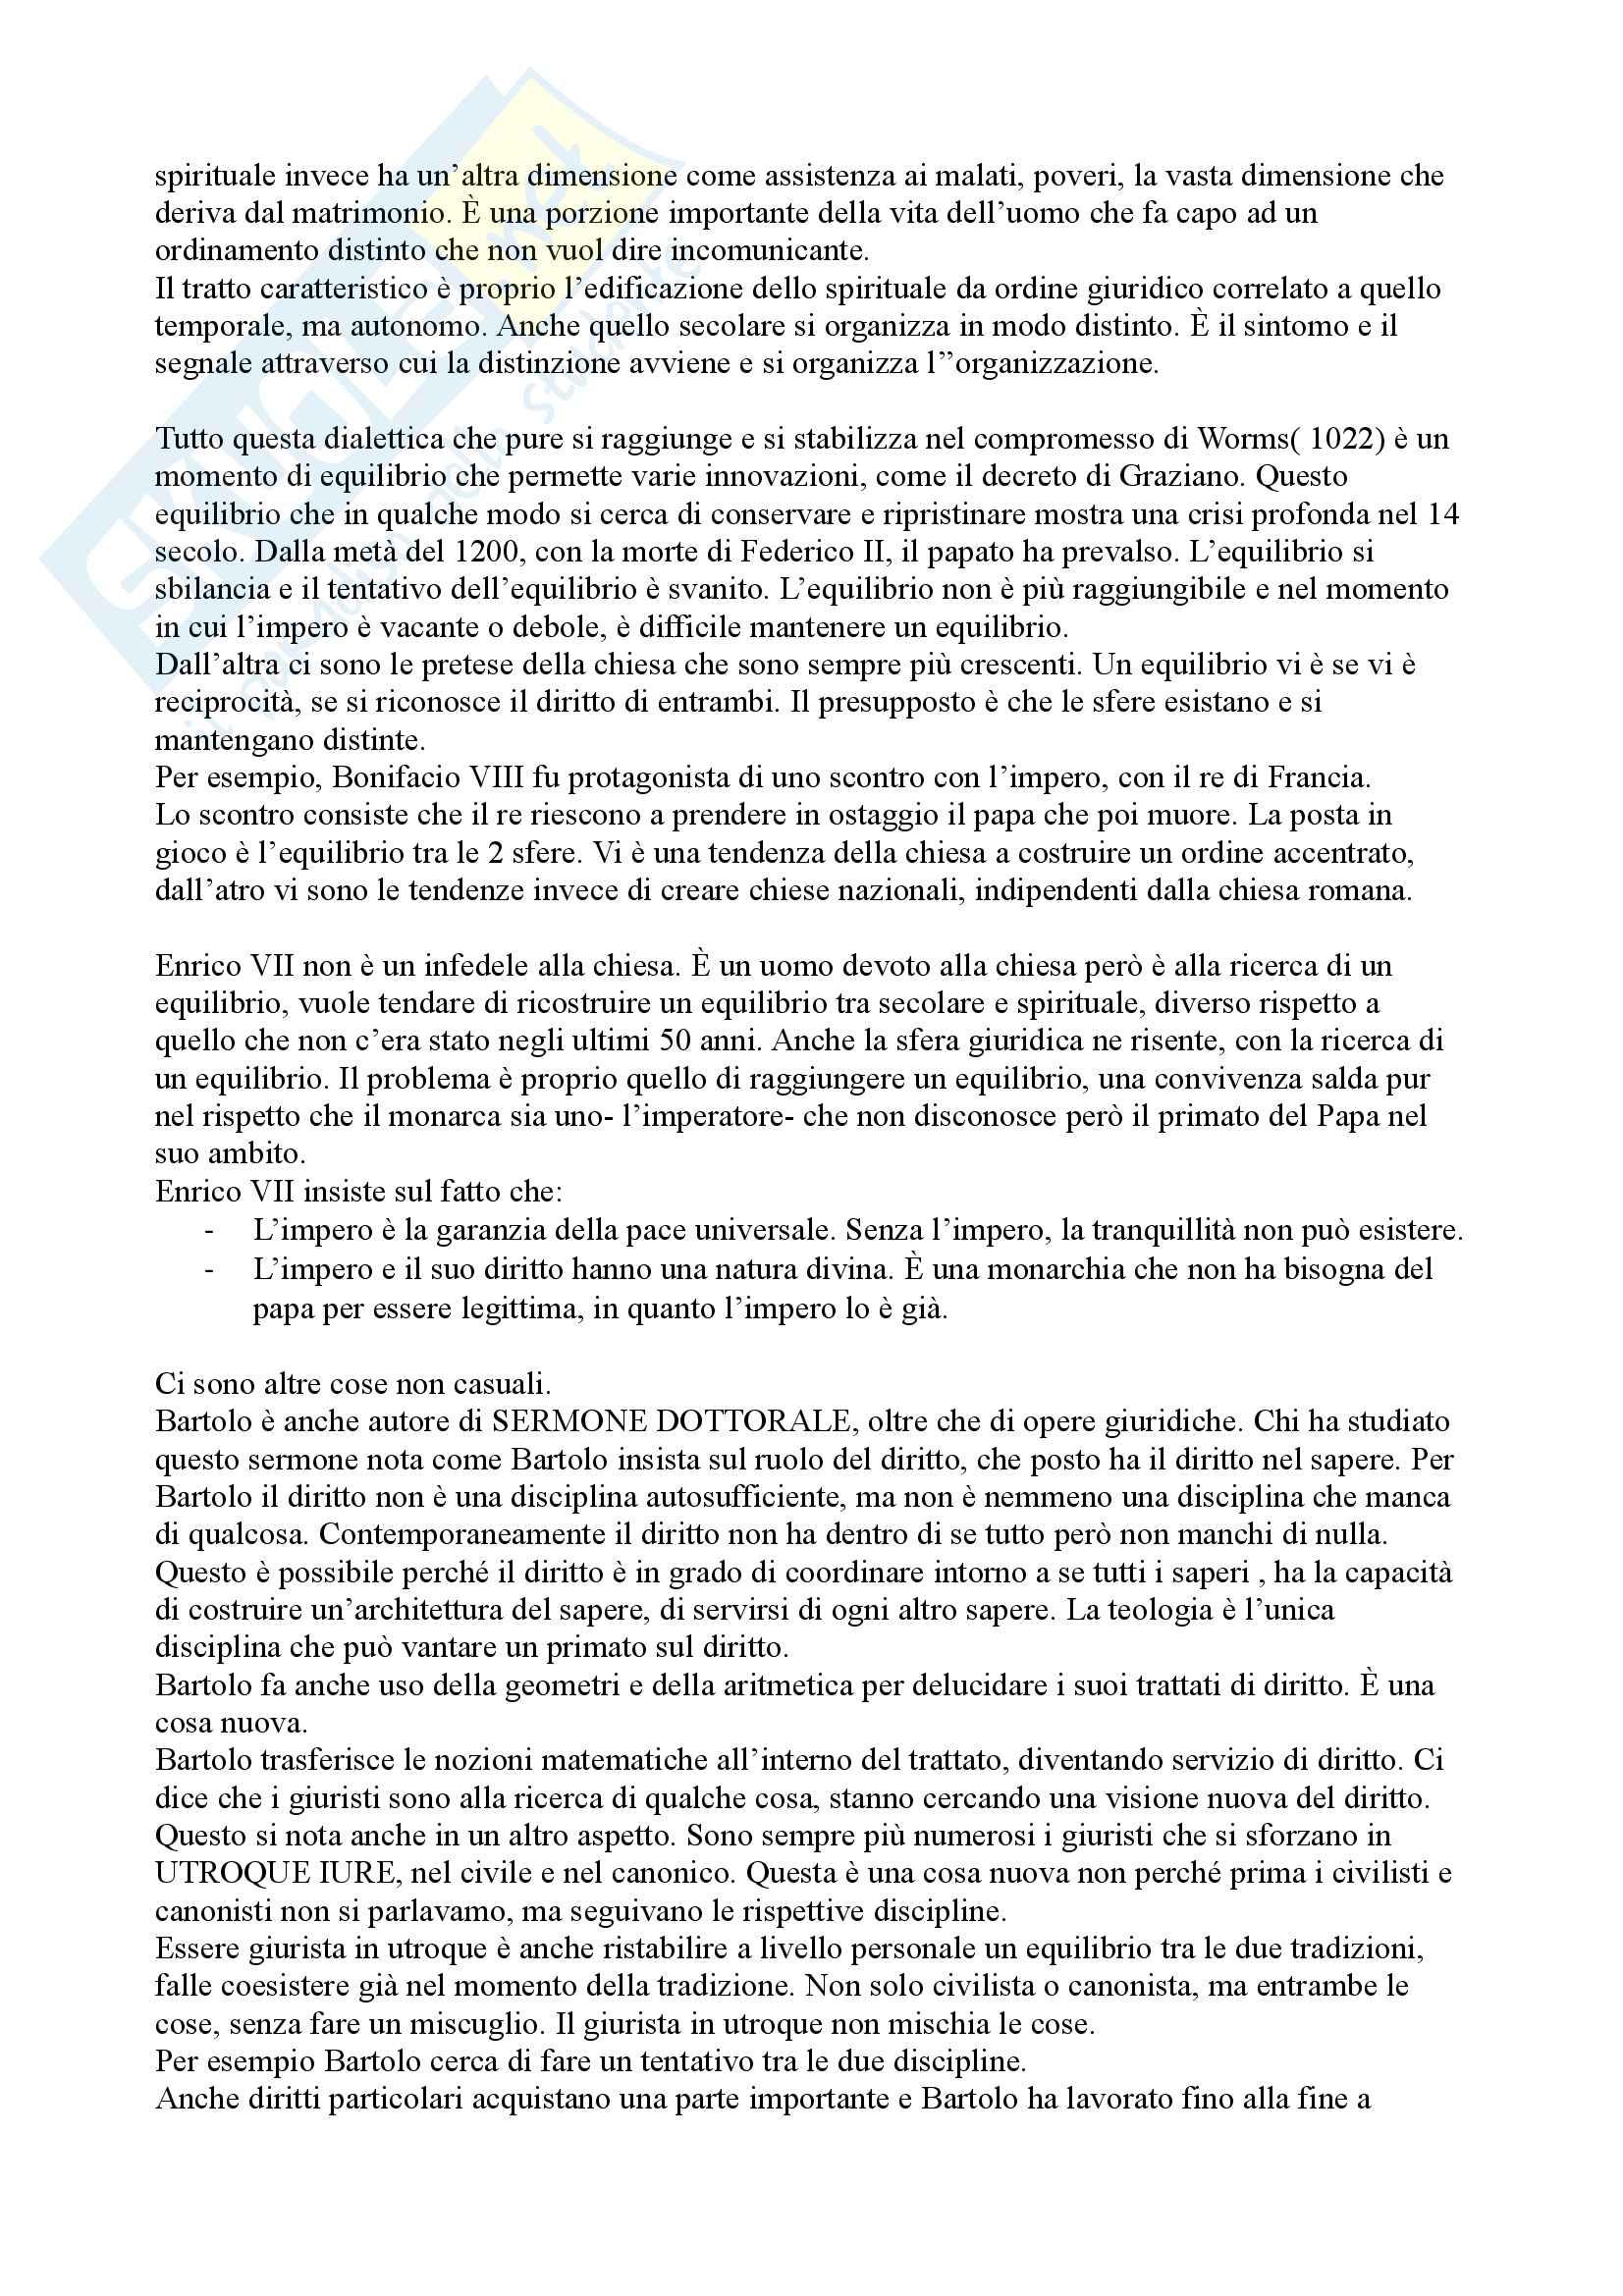 Appunti lezioni prof. Marchetto e Zendri Trento Unitn A/L 2016 Storia del diritto medievale e moderno 1 Pag. 81